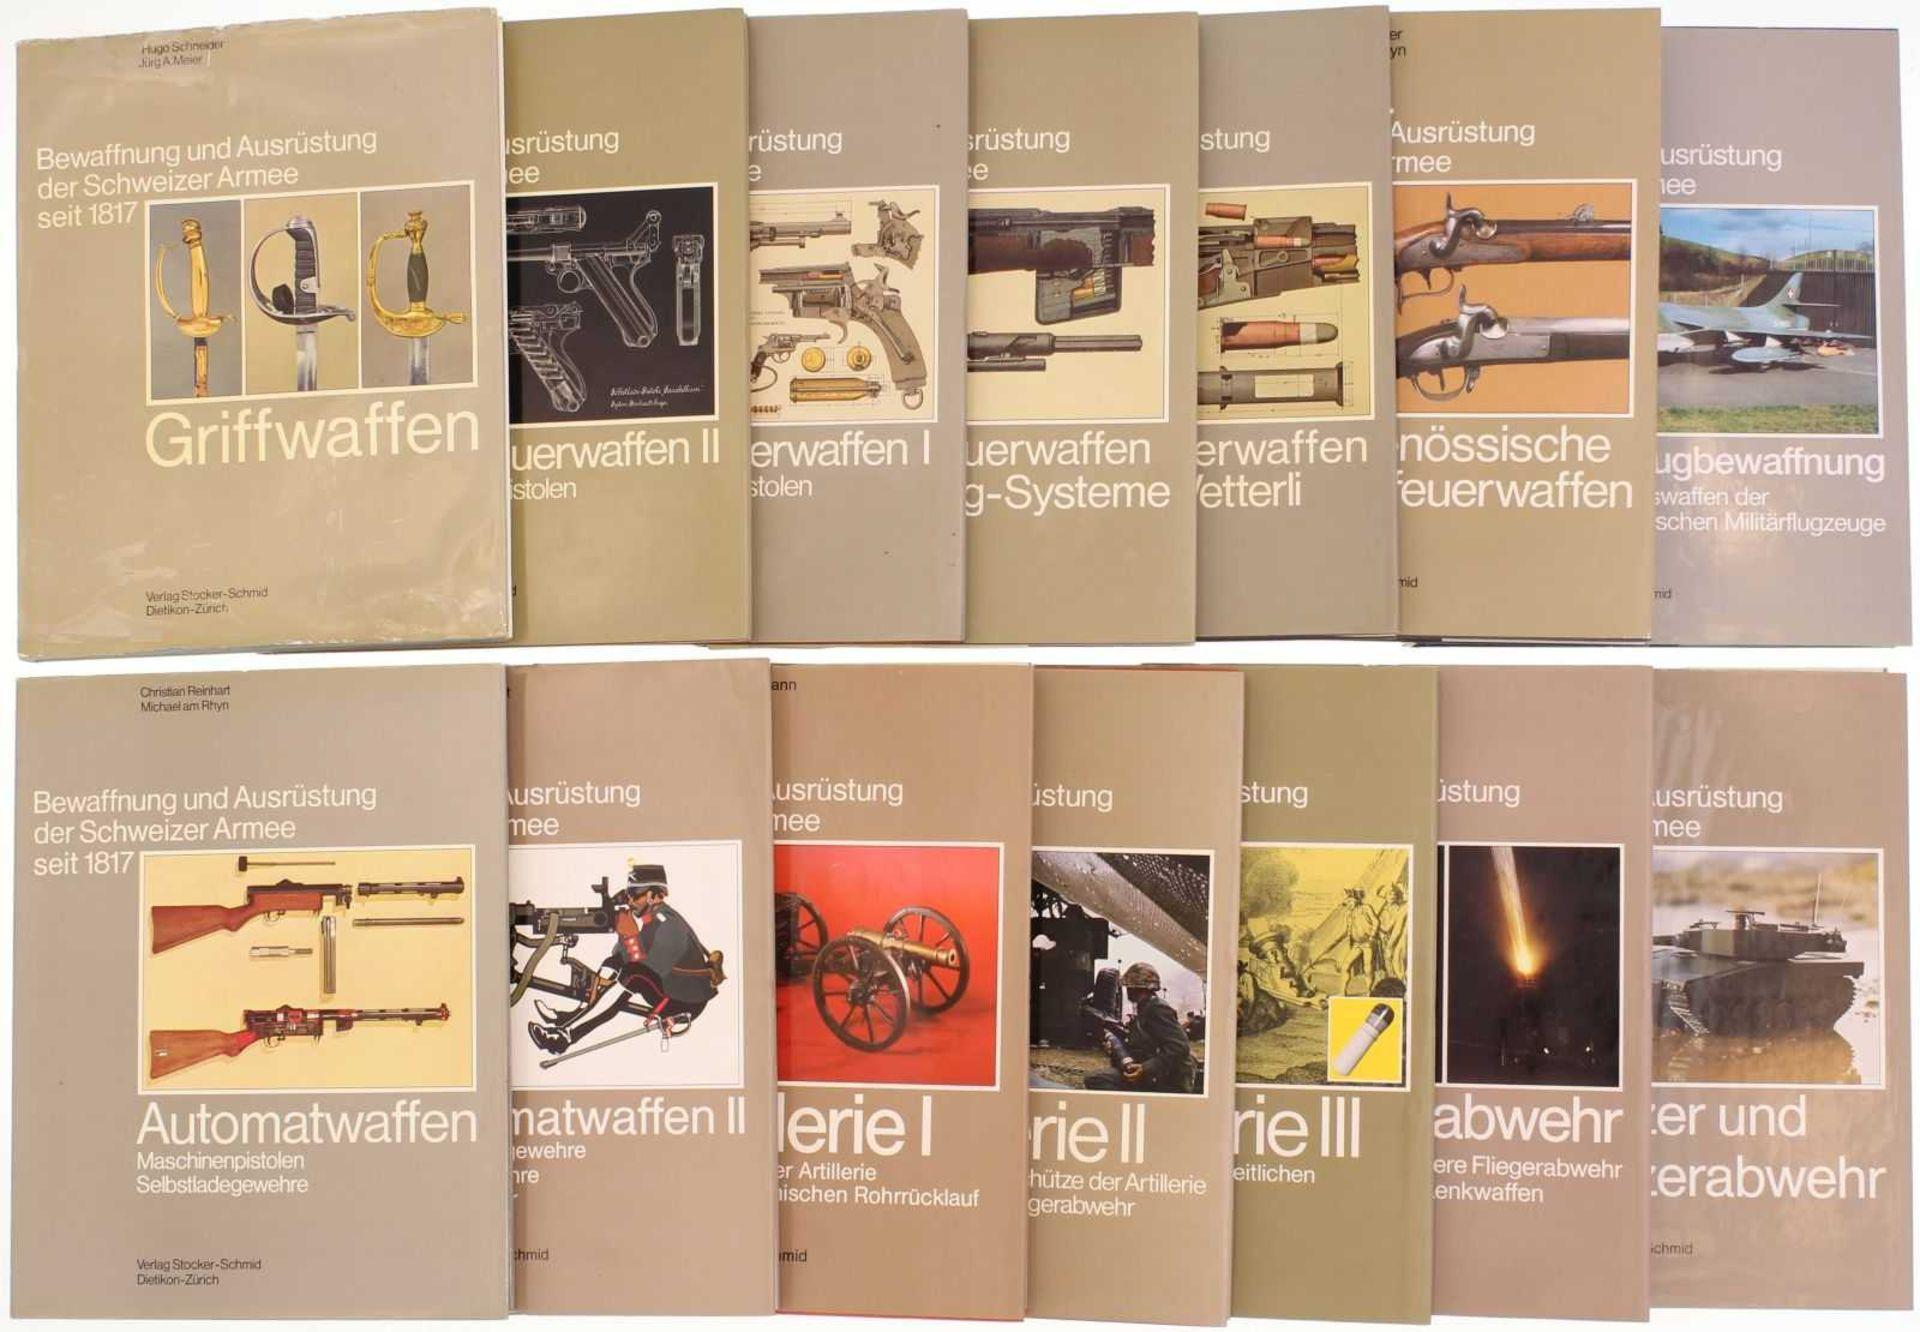 Die Repetiergewehre der Schweiz, Systeme Vetterli und Schmidt-Rubin Zusammenfassung der beiden Bände